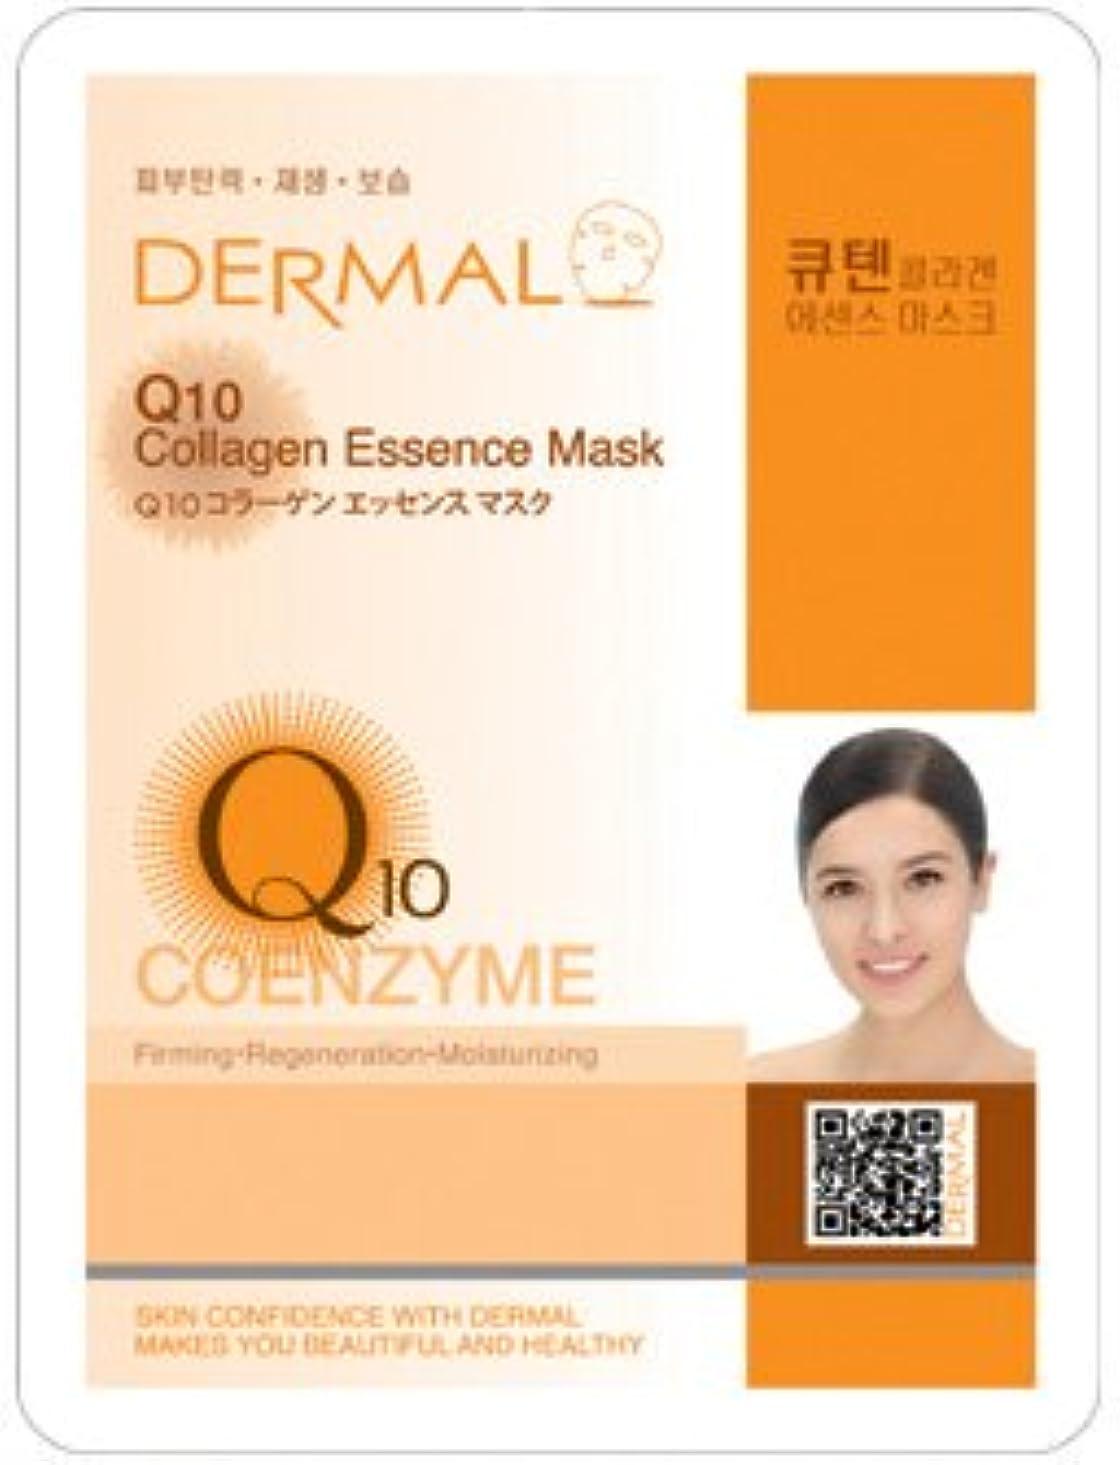 明らかにするエンティティ集団シートマスク Q10 10枚セット ダーマル(Dermal) フェイス パック